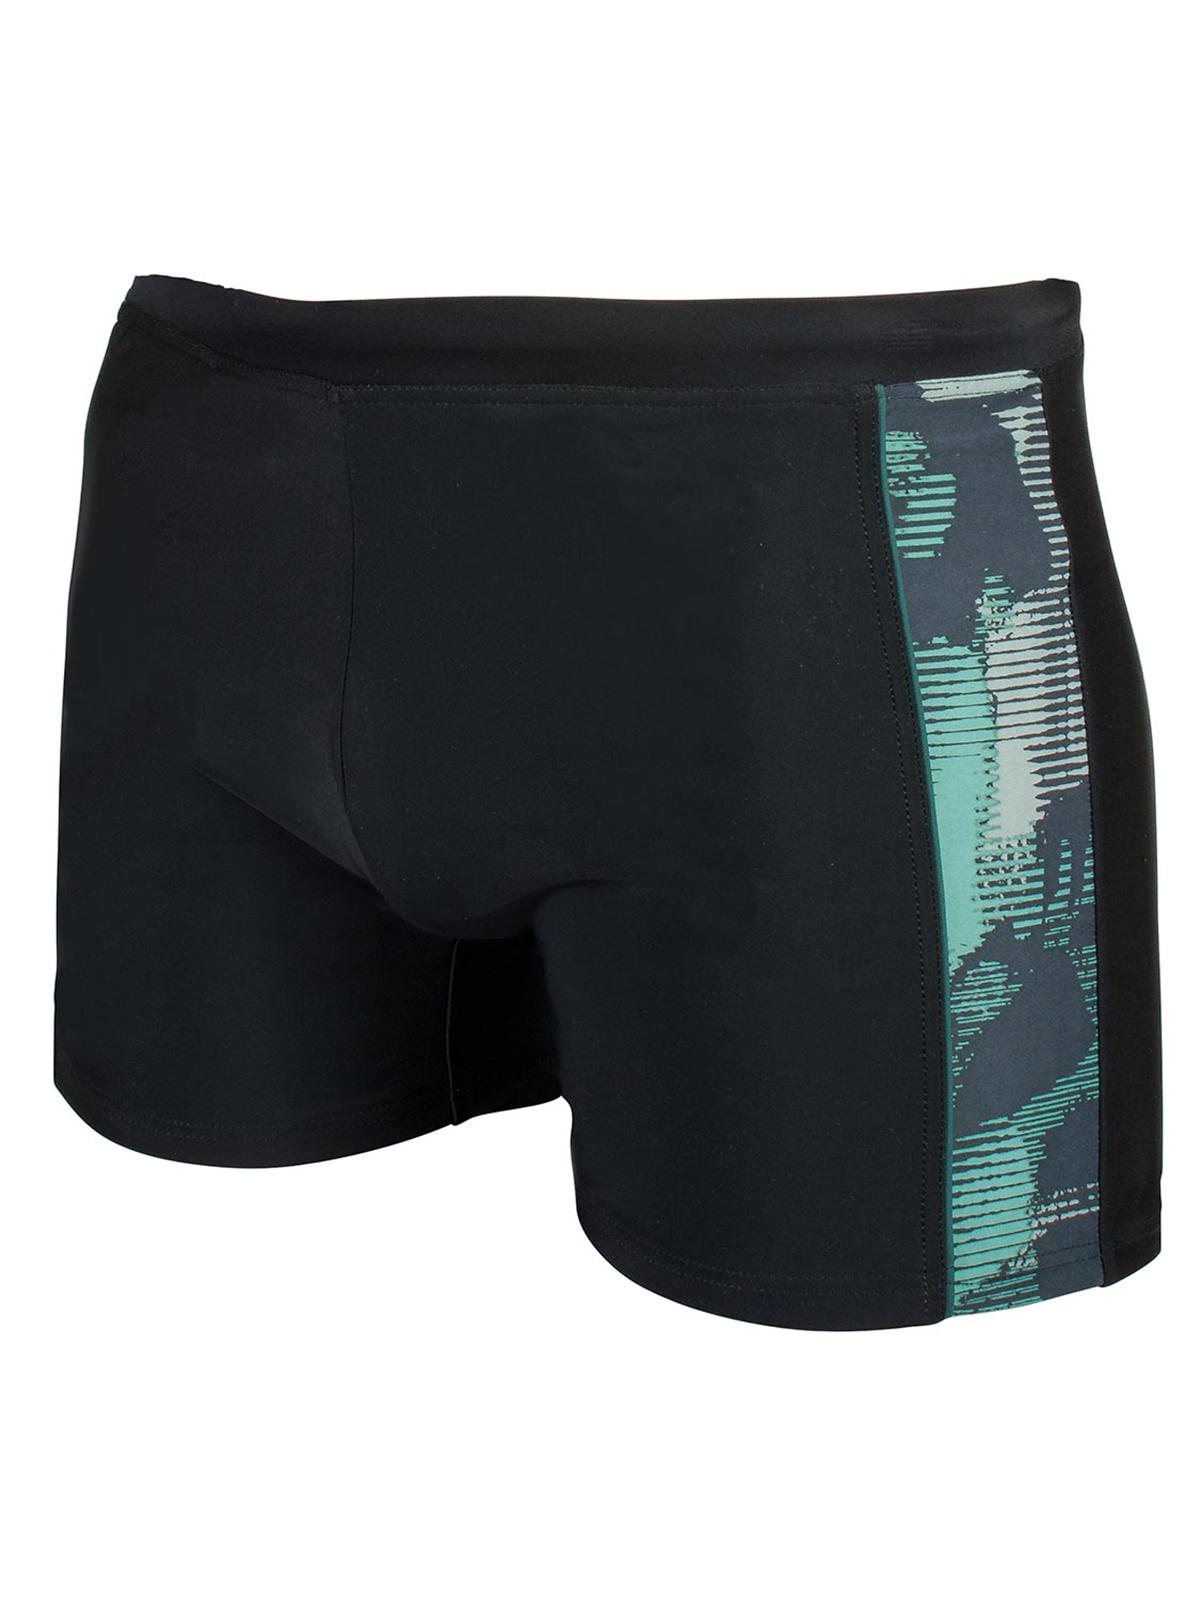 NATURANA Pants 72998